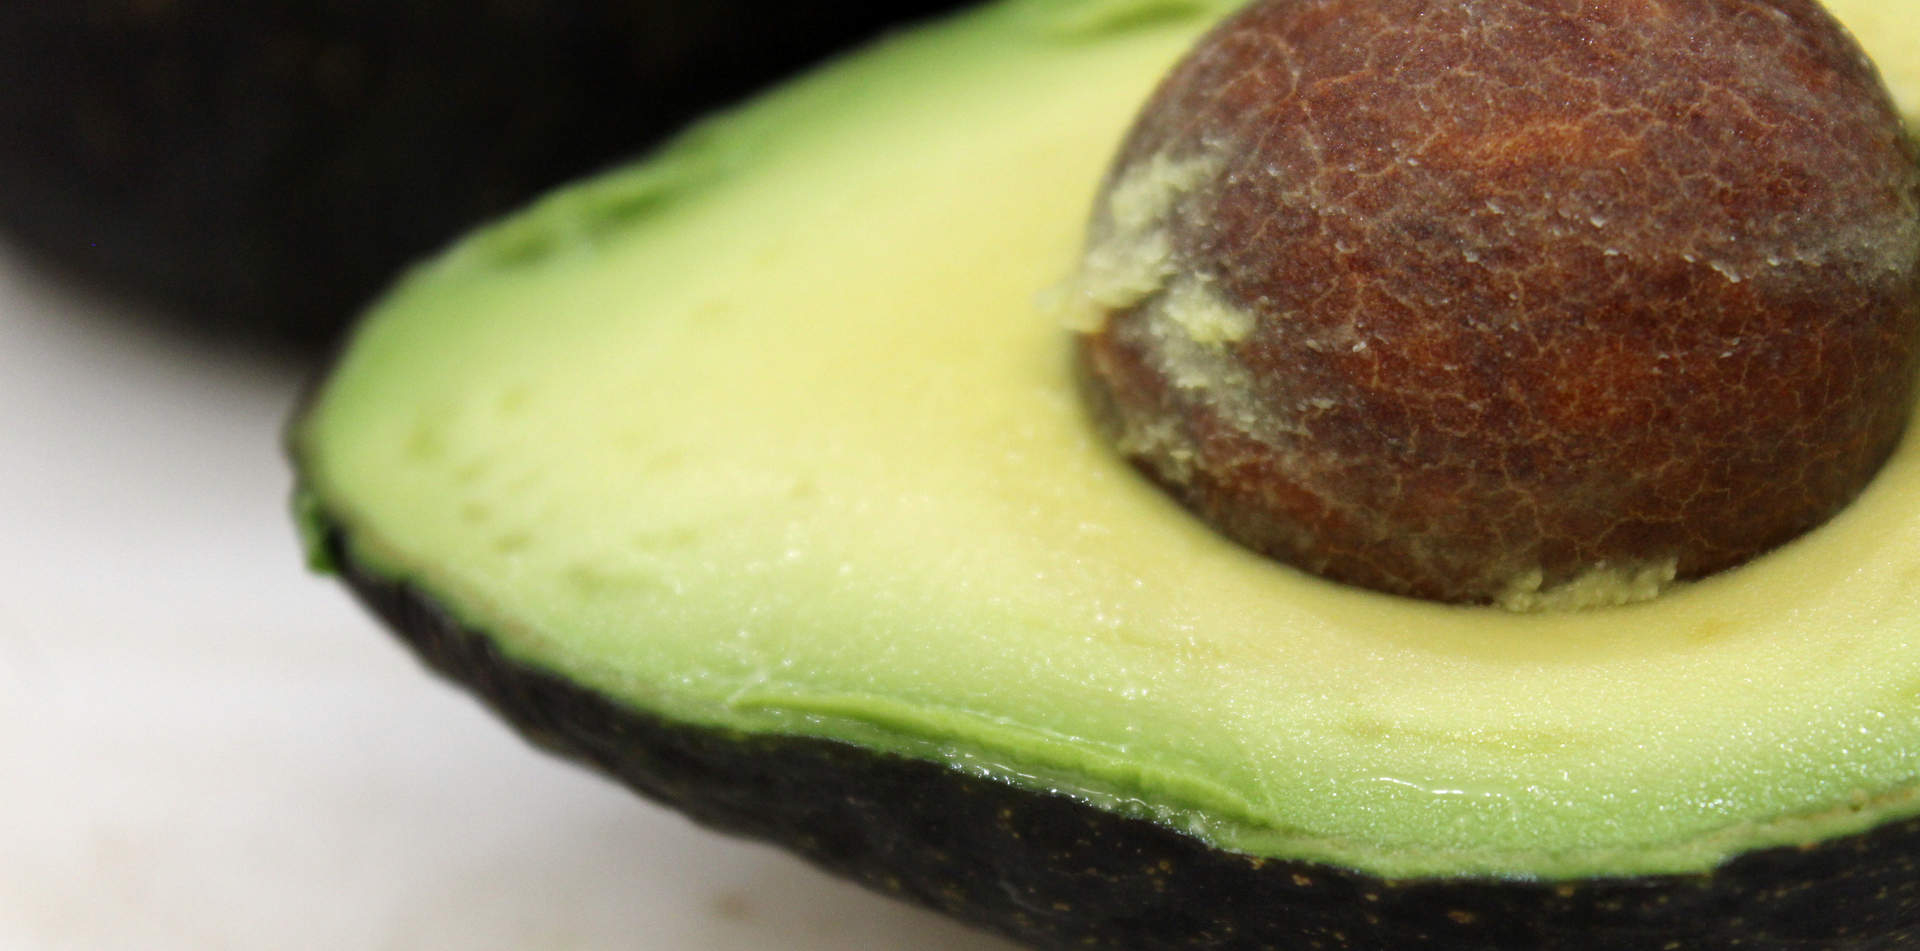 DonTaco_restaurant_flavors_22_avocados_s